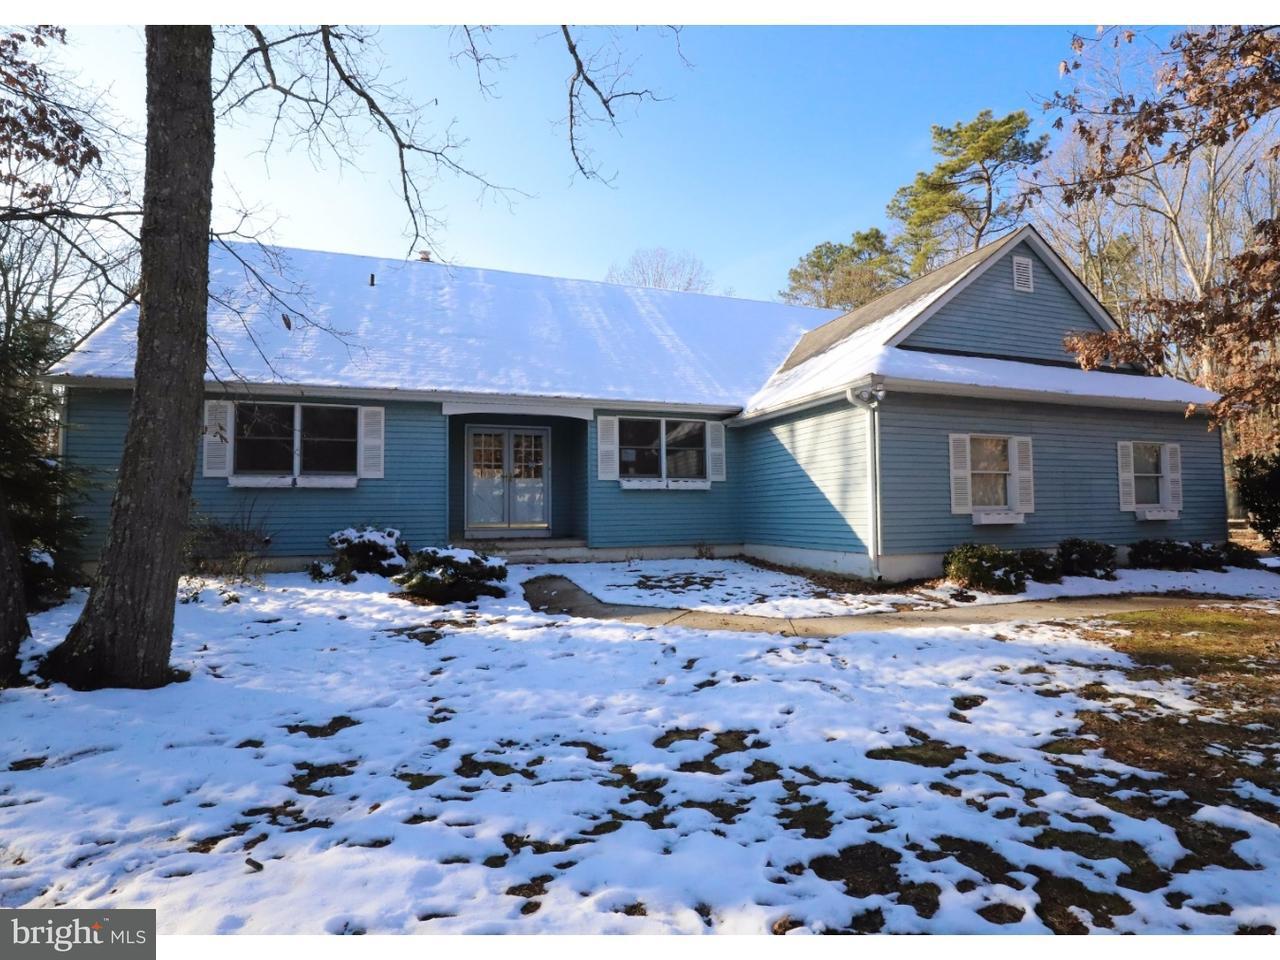 Частный односемейный дом для того Продажа на 443 PRICKETTS MILL Road Tabernacle, Нью-Джерси 08088 Соединенные Штаты